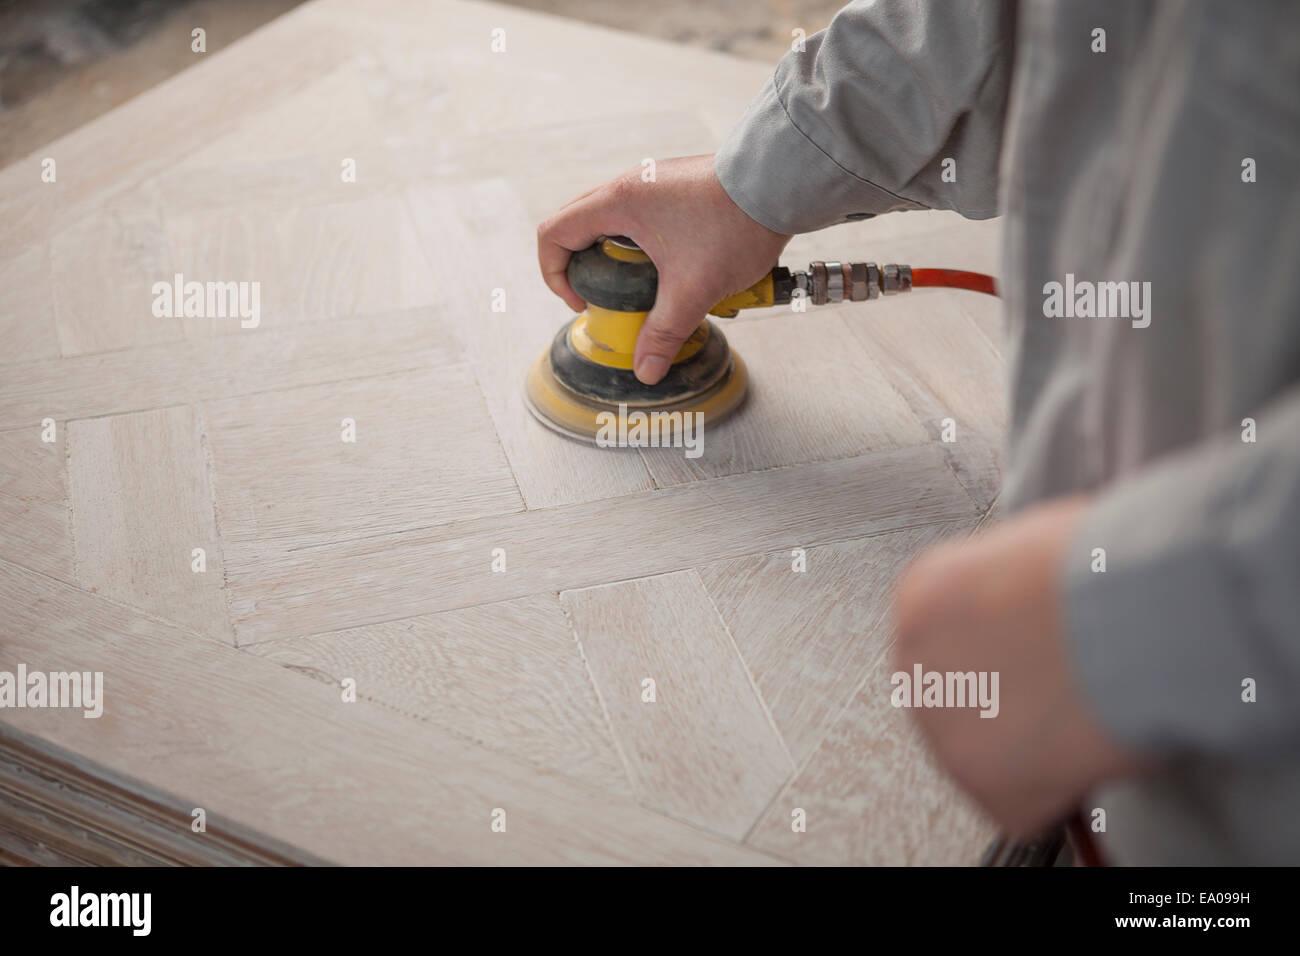 Lissage de surface charpentier la planche en bois en usine, Jiangsu, Chine Banque D'Images